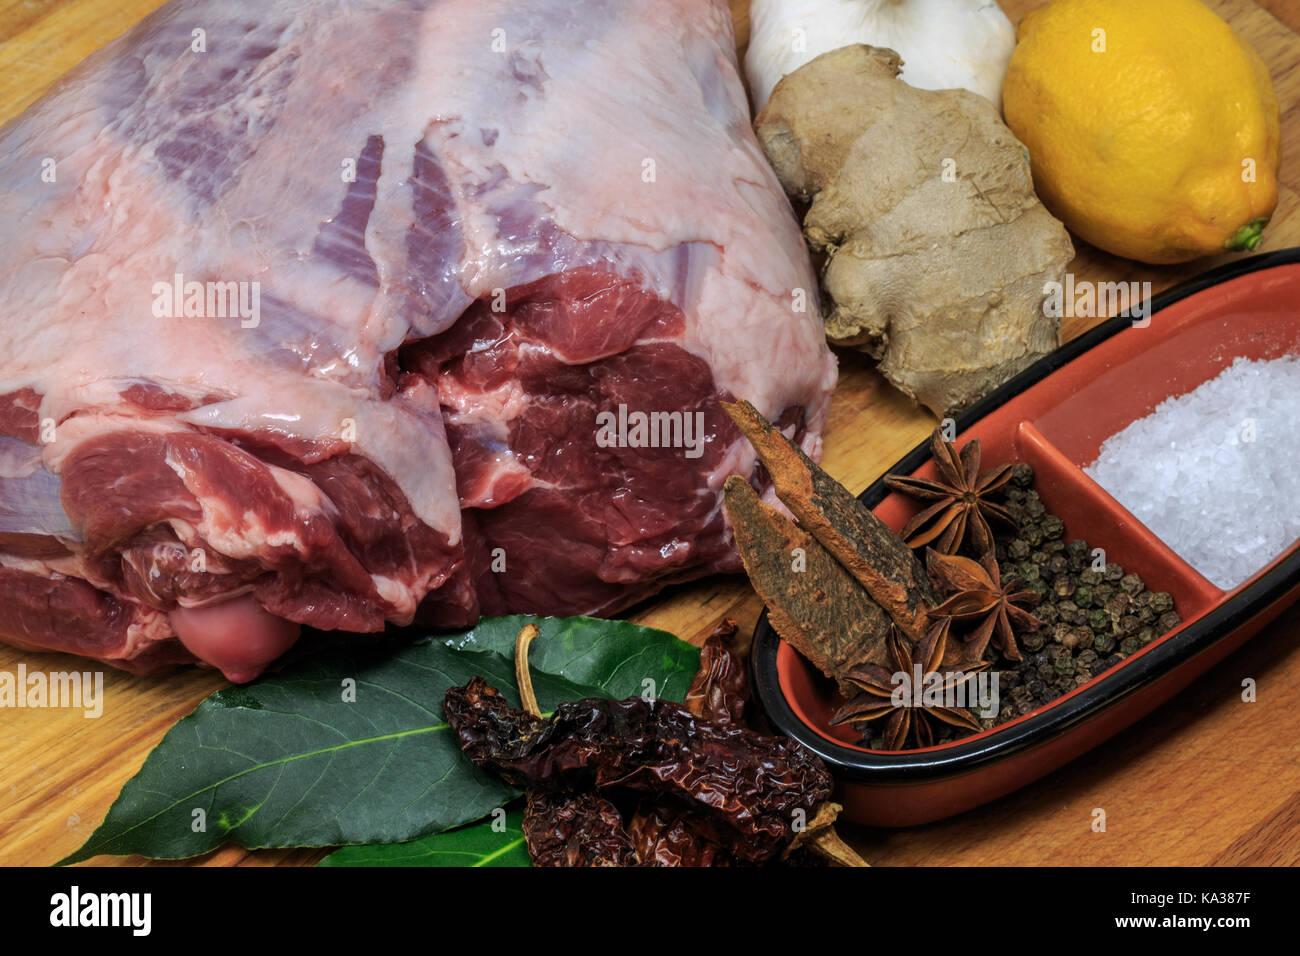 Para una pierna de cordero asado los domingos Imagen De Stock